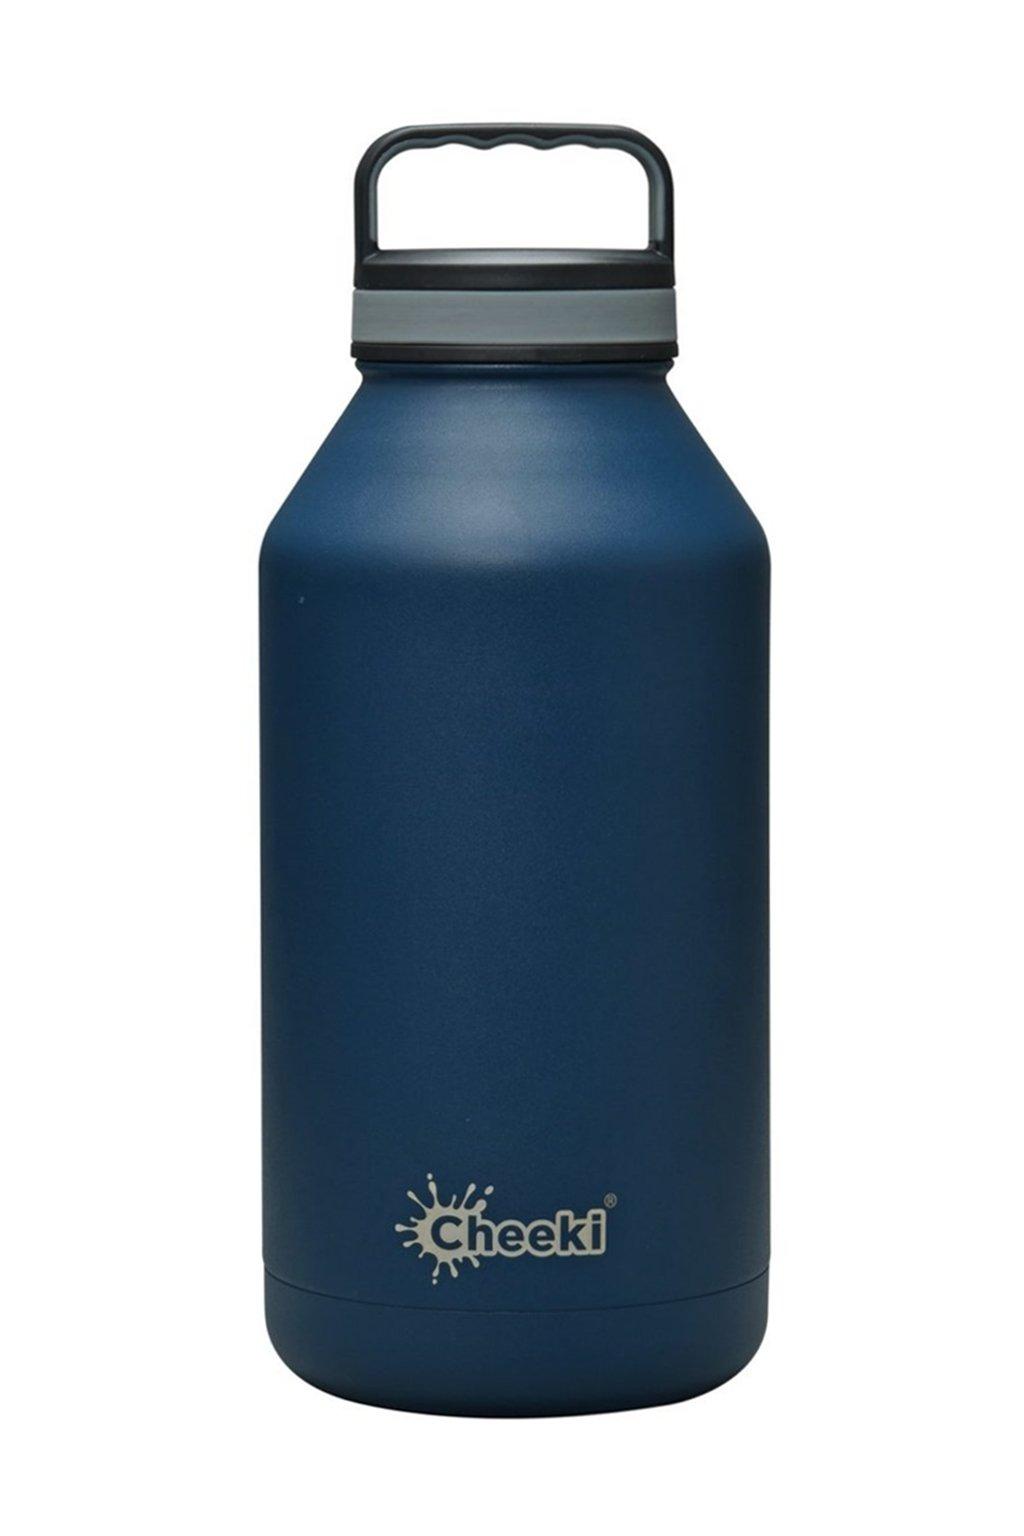 Flasa na vodu 2 litre s izolaciou Cheeki modra